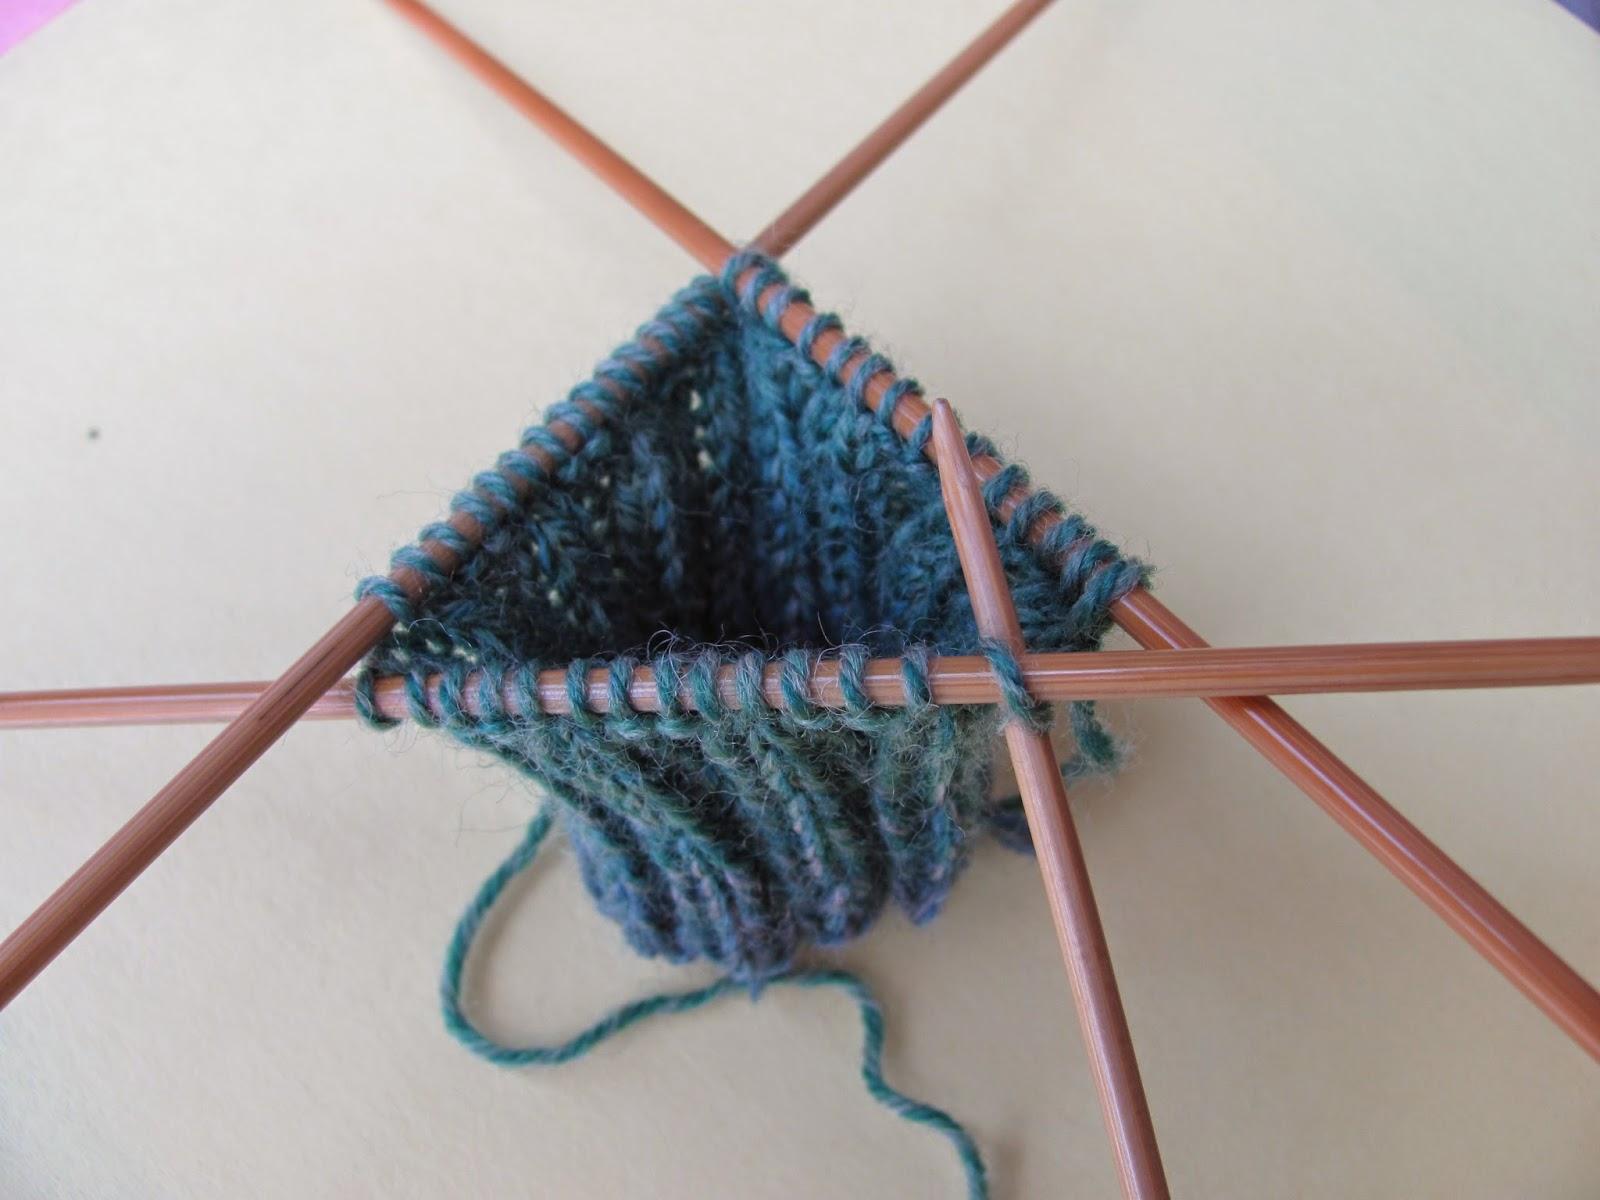 apprendre a tricoter etape par etape